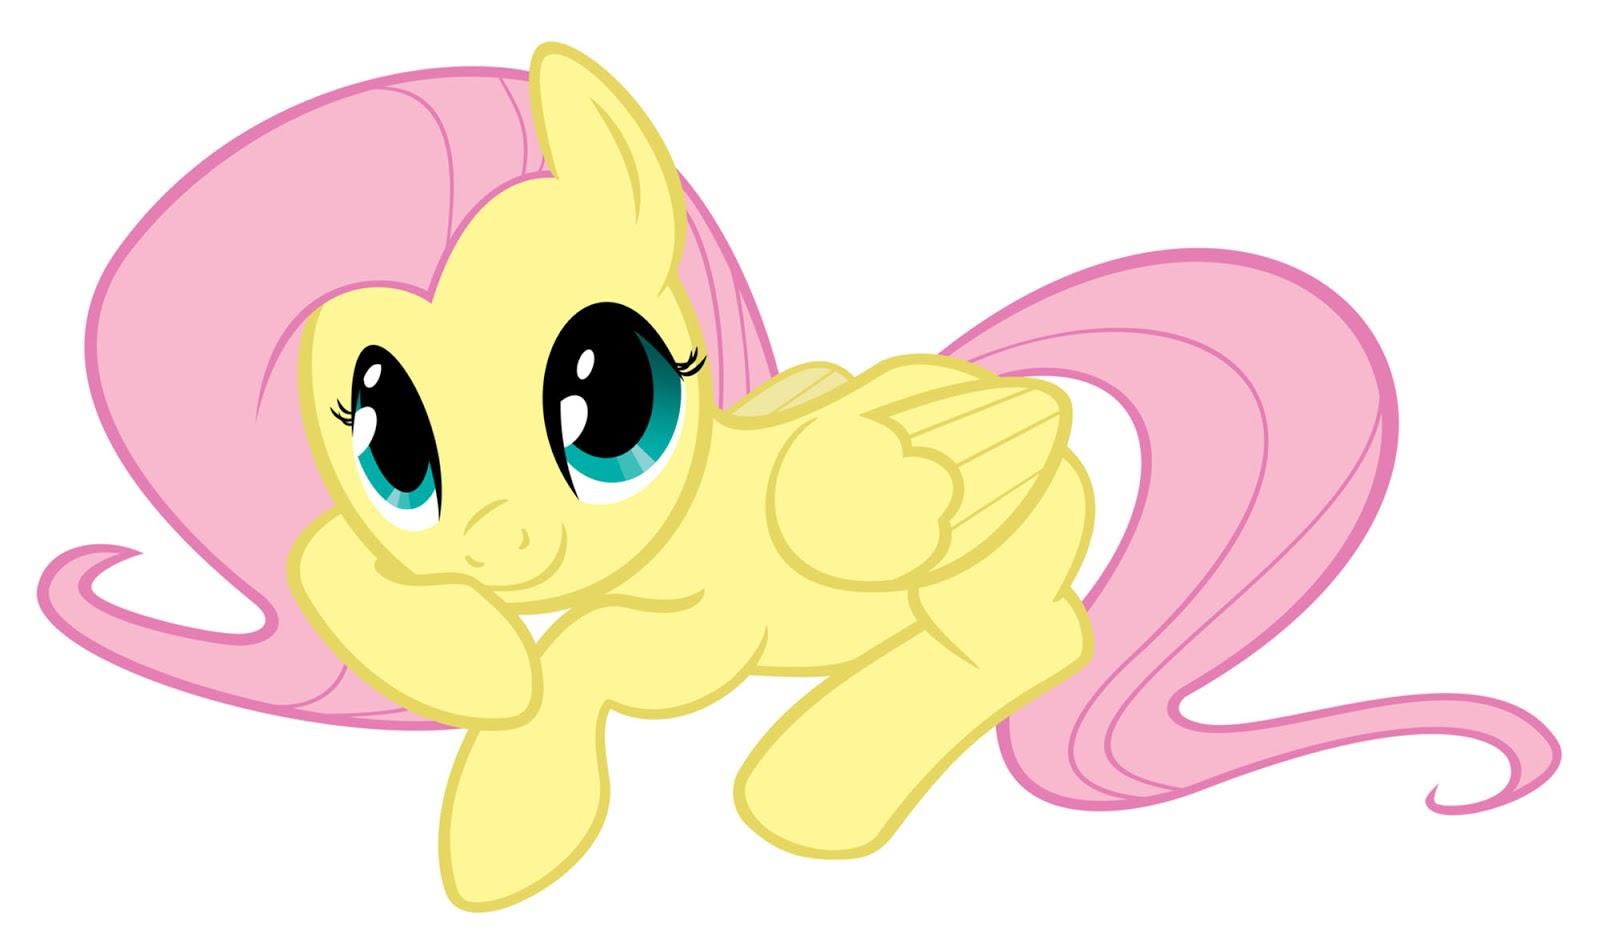 Dibujo De Fluttershy Para Colorear: My Little Pony: Dibujos Para Imprimir Y Recortar De Fluttershy